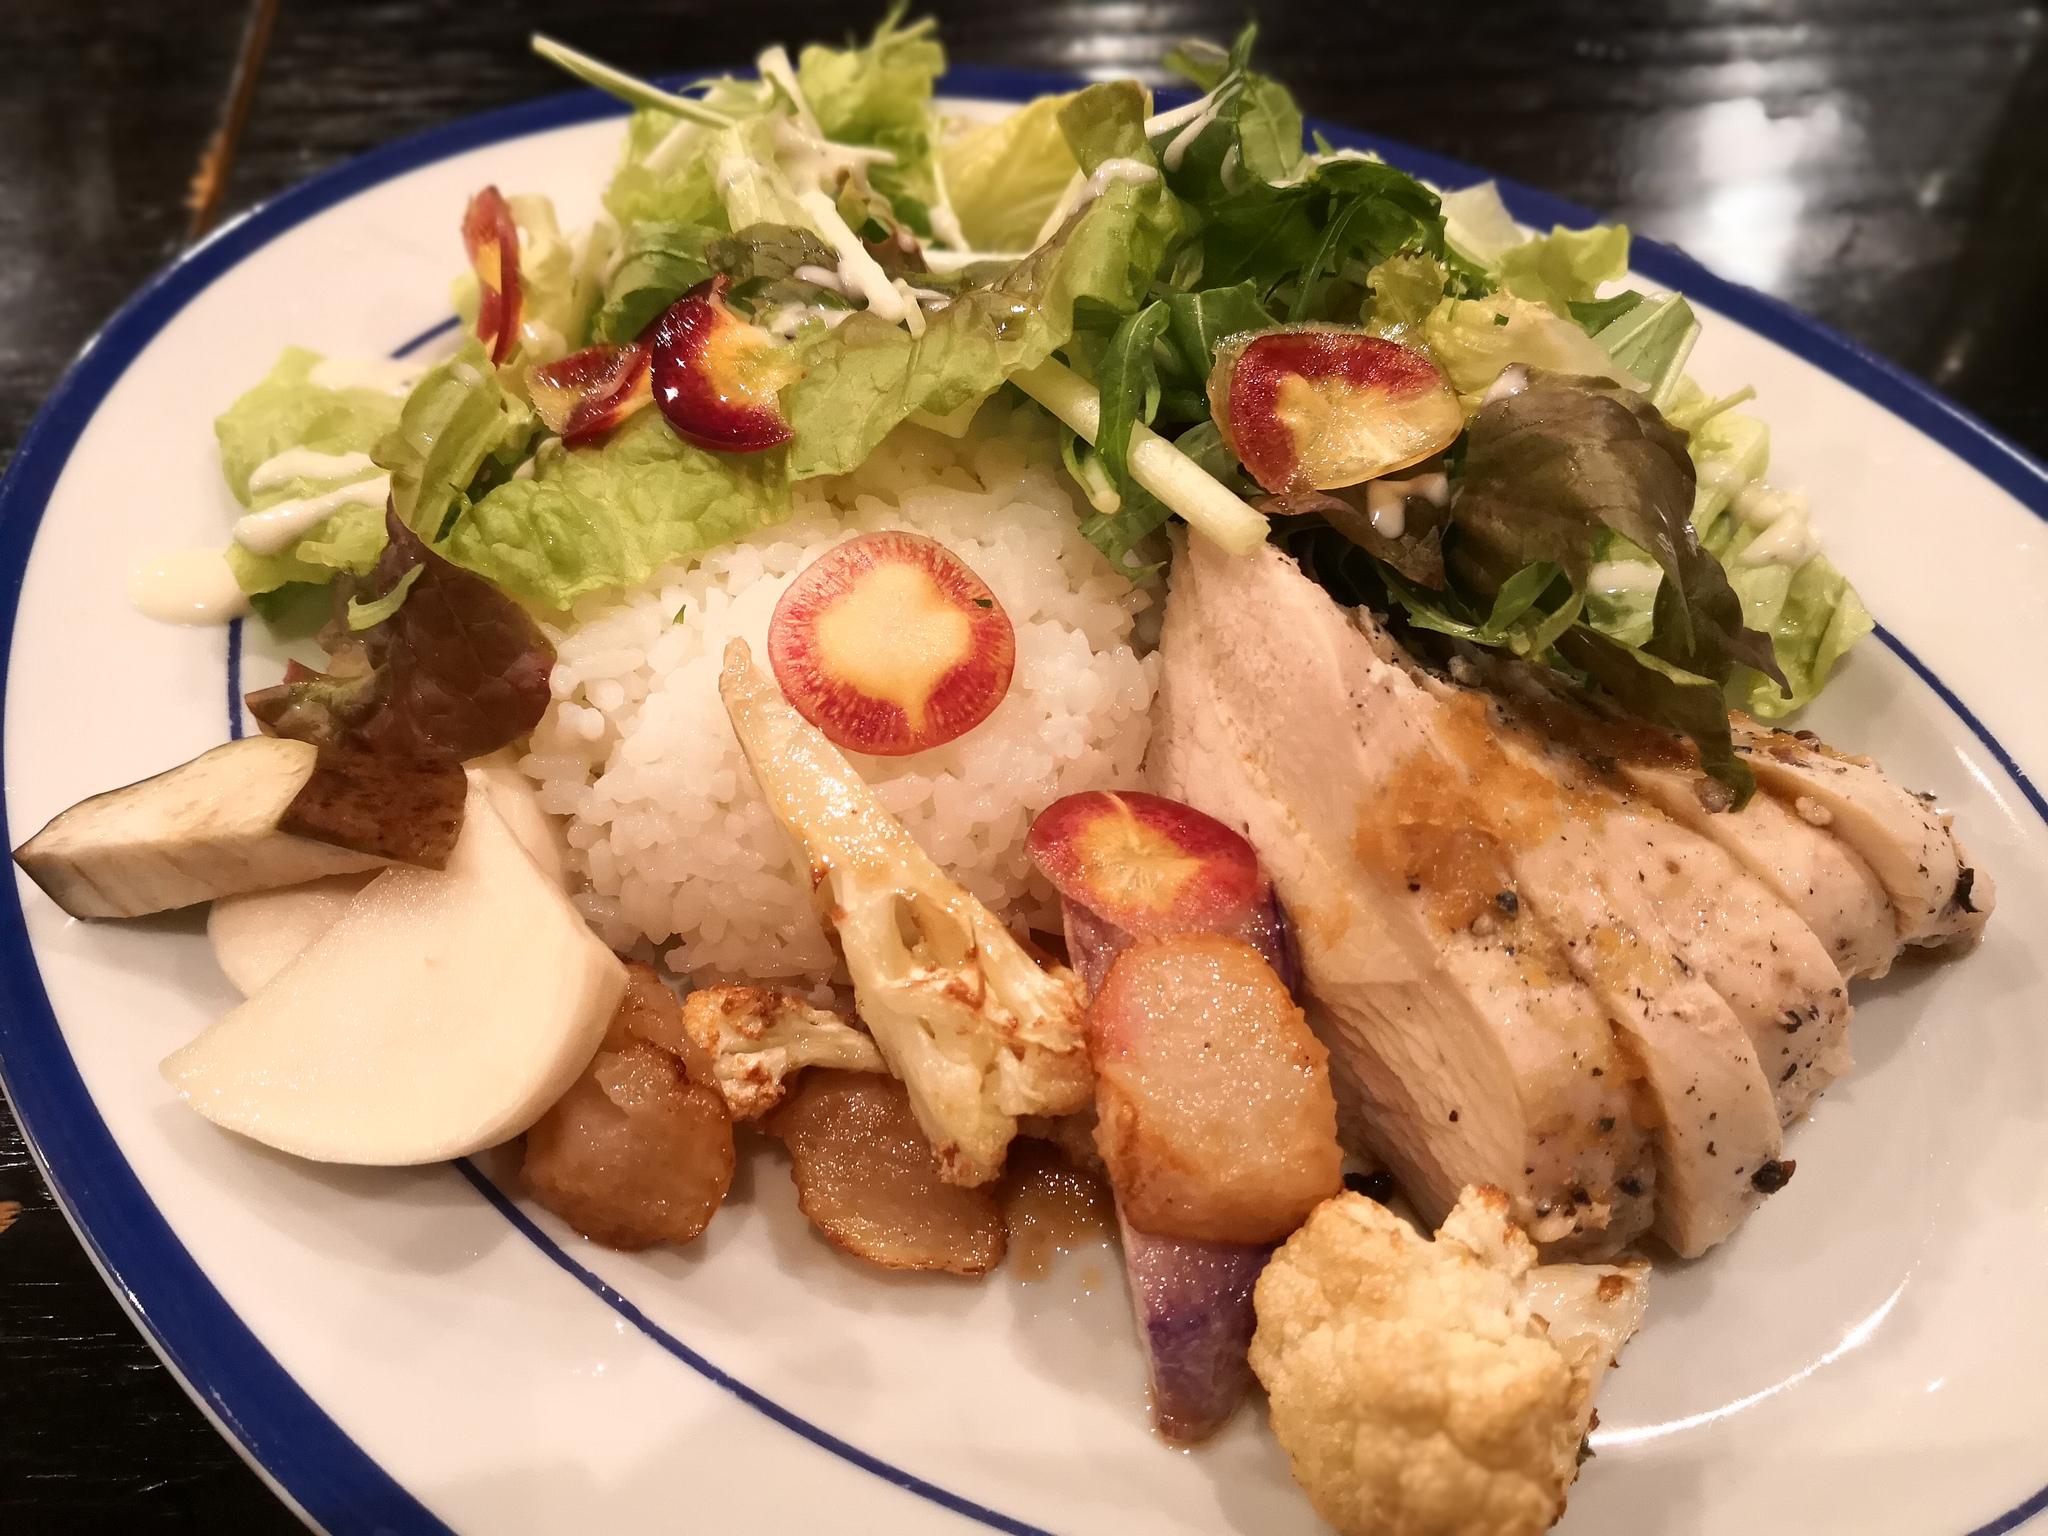 【不動前】ハナファームキッチン MEGURO@野菜が売りのおしゃれ雰囲気のカフェでランチ。